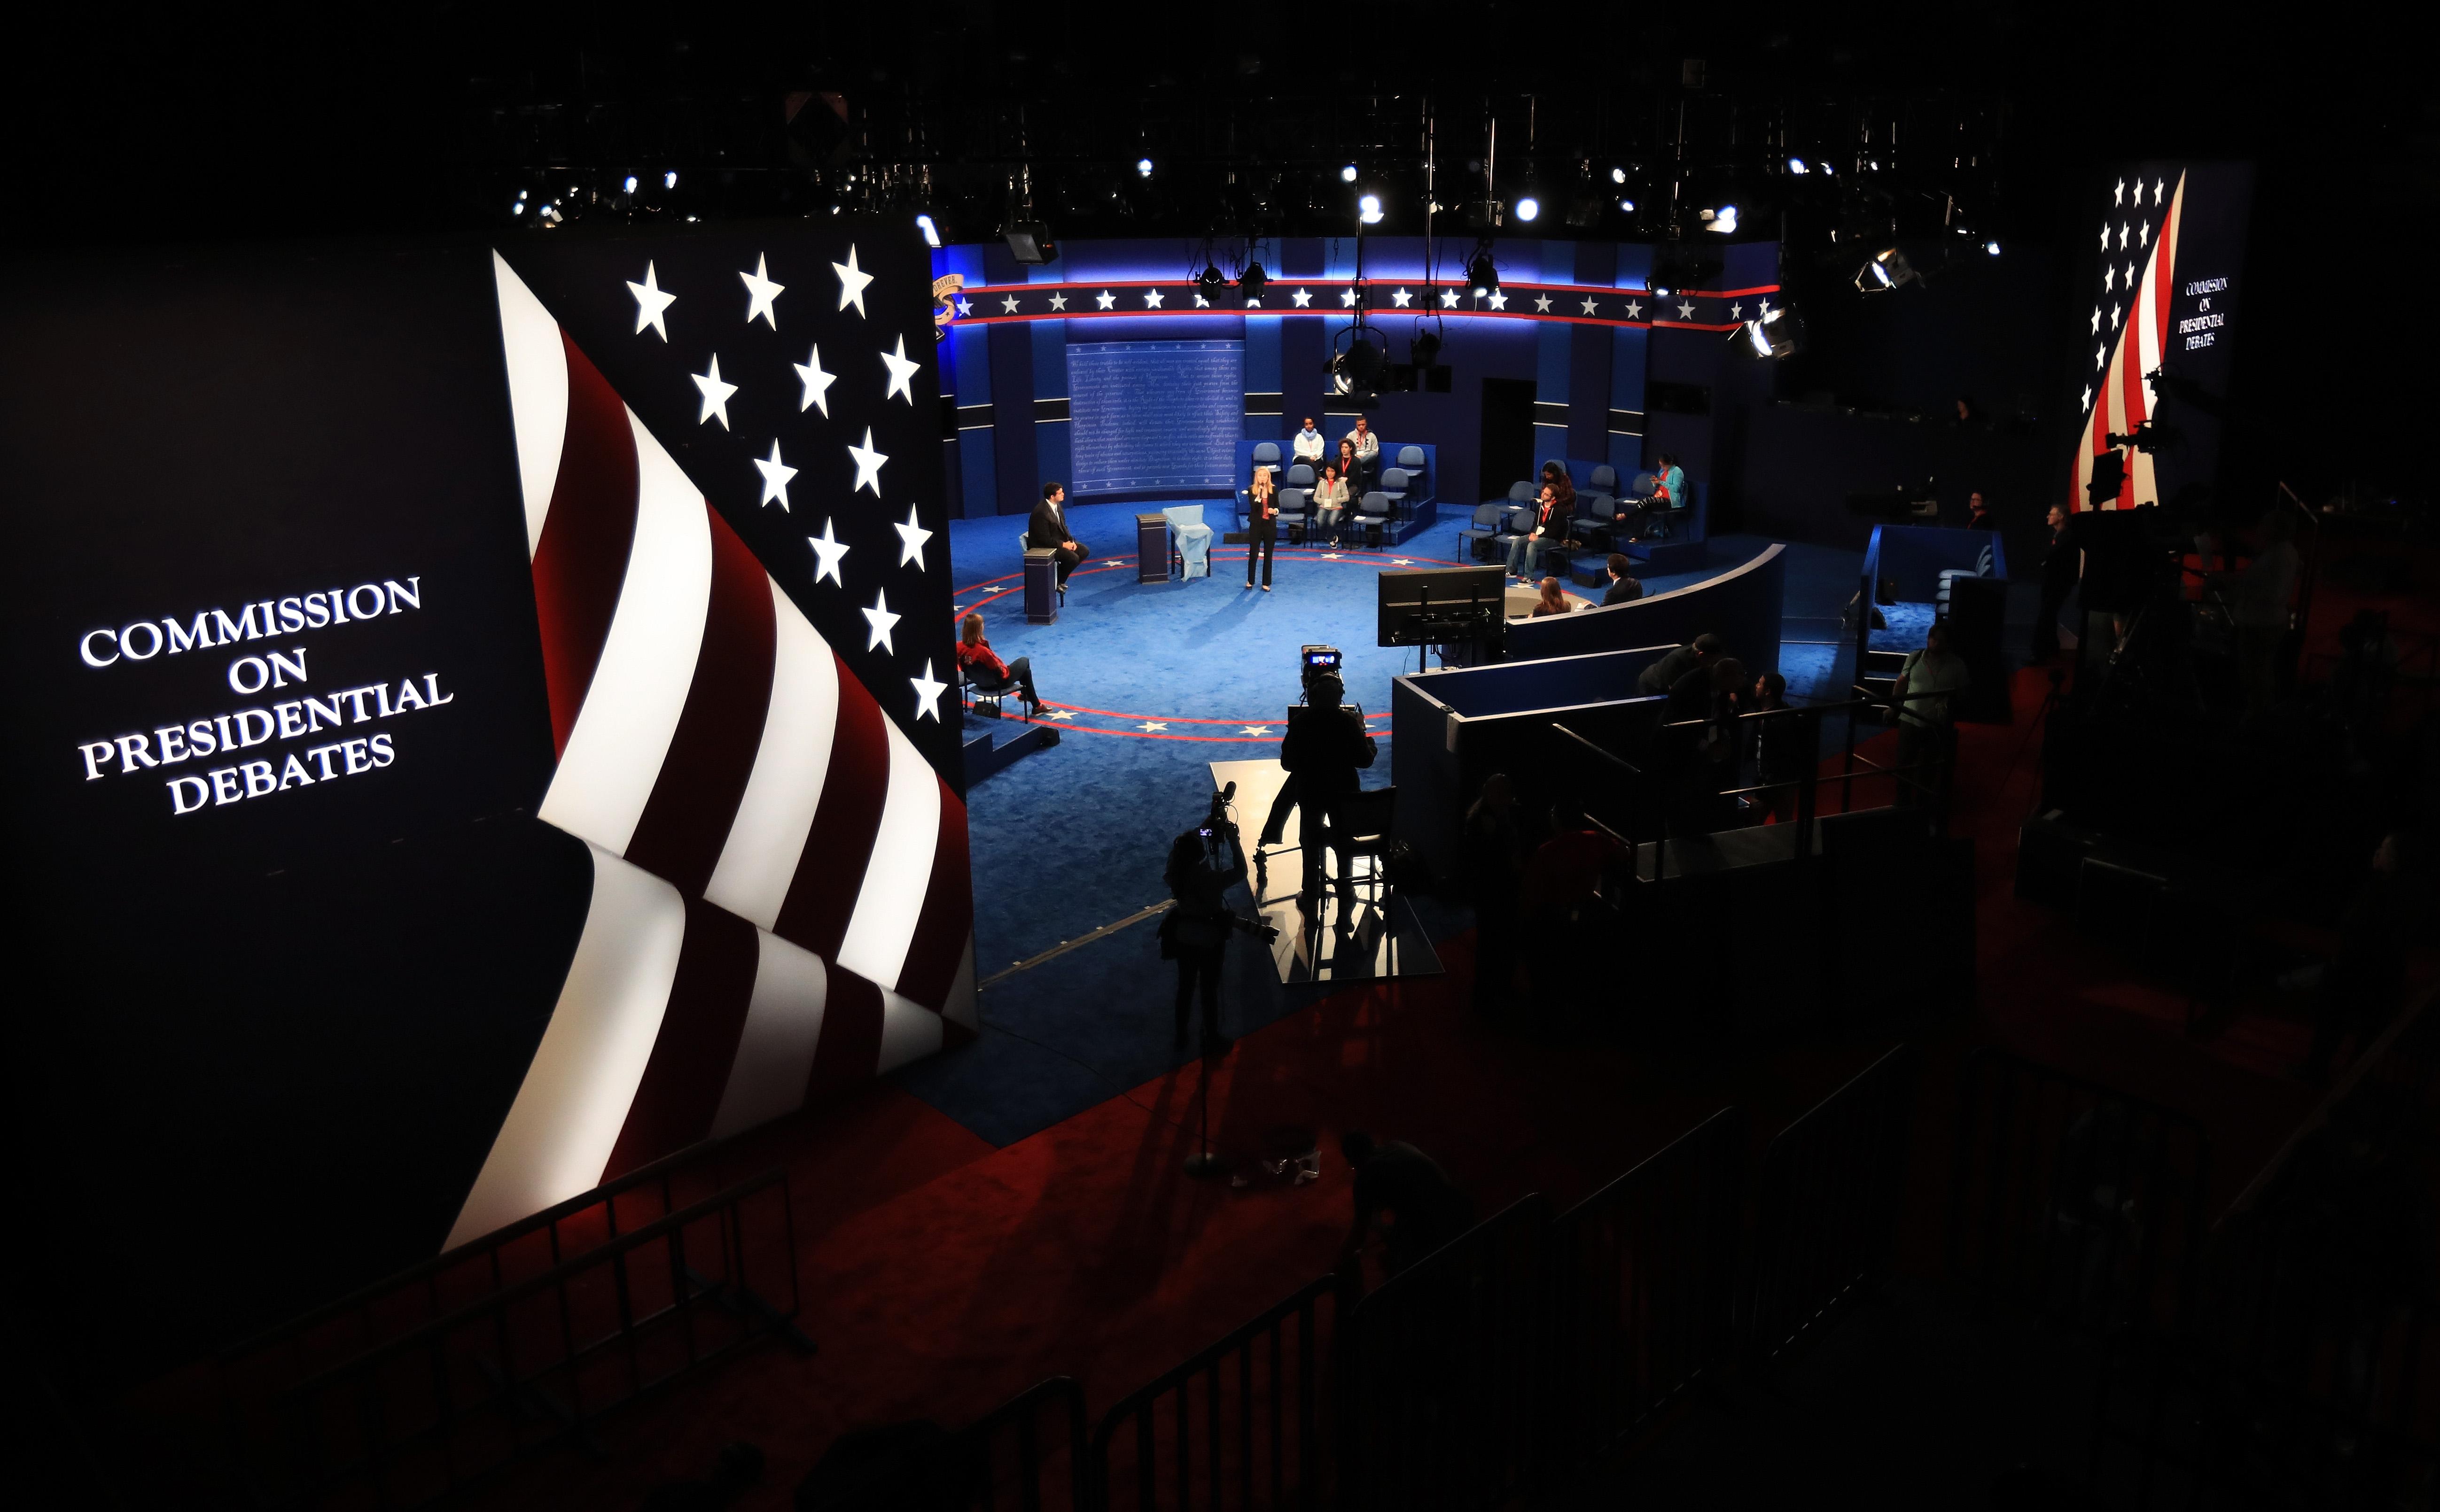 St. Louis Prepares For Second Presidential Debate